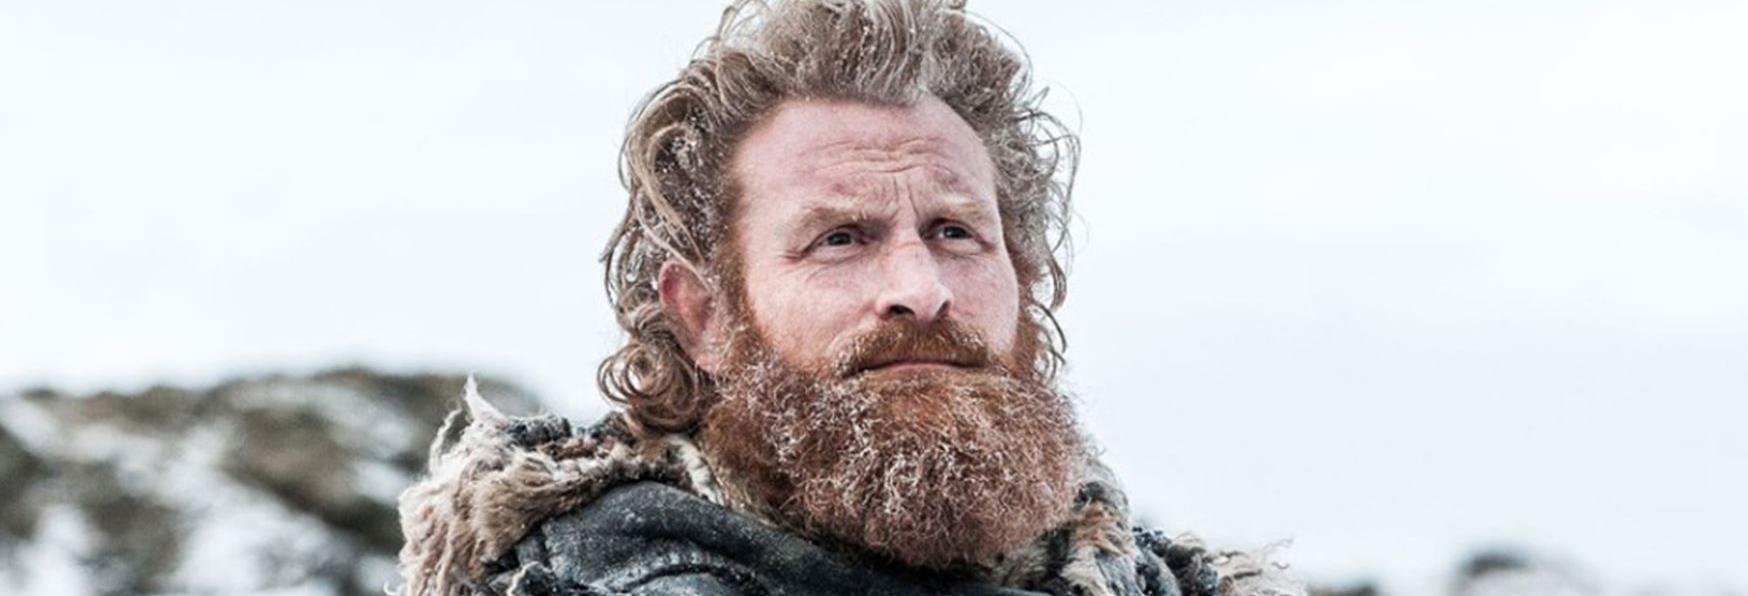 Kristofer Hivju (Game of Thrones) e la Moglie sono guariti dal Coronavirus